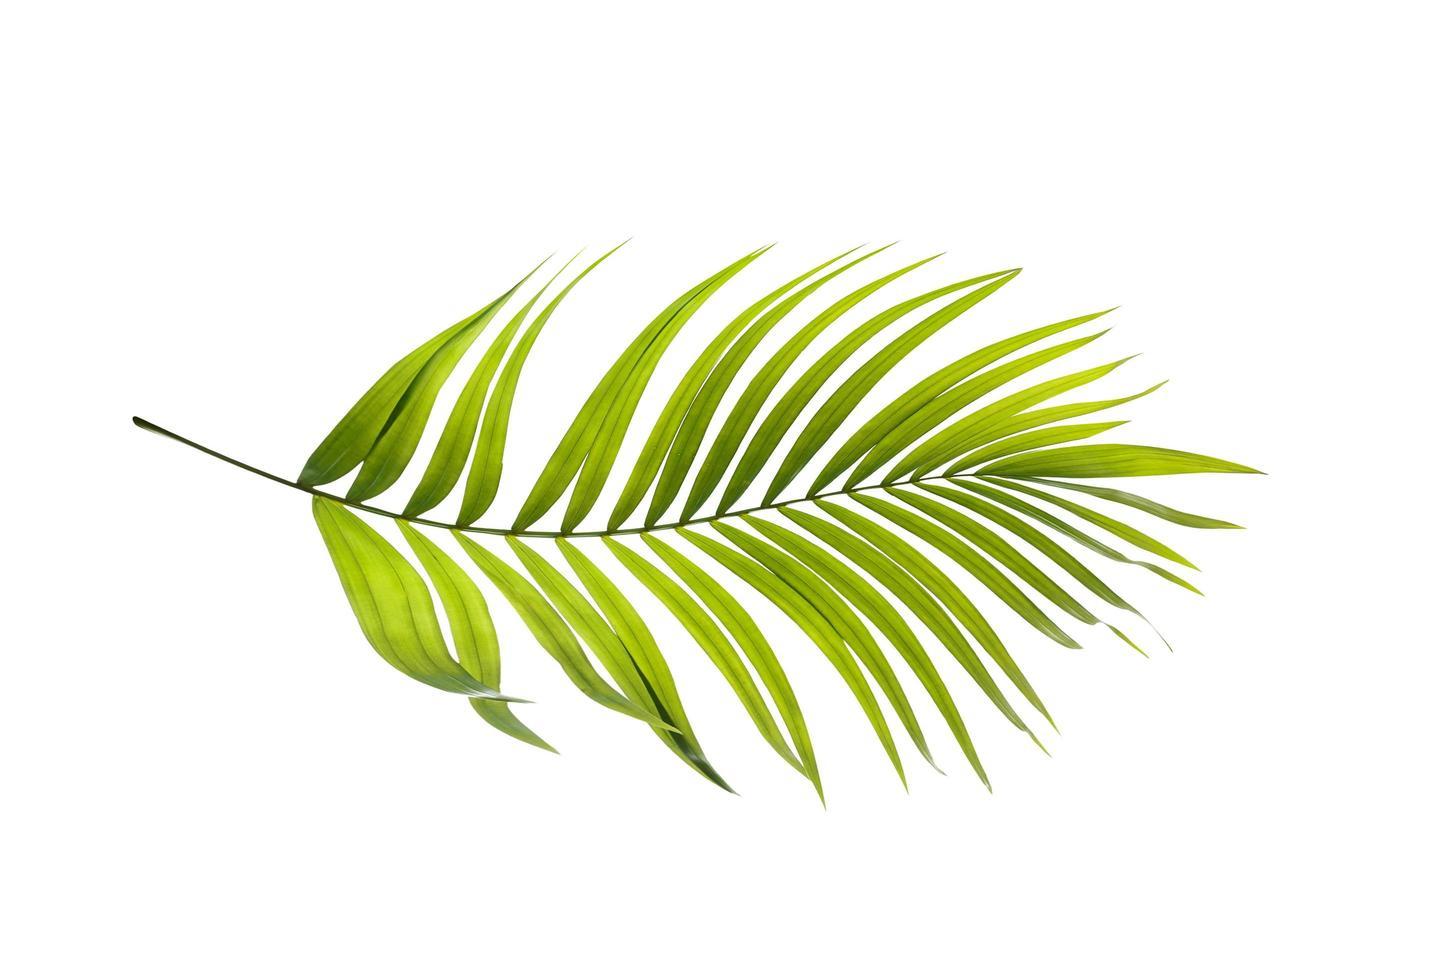 una foglia di palma verde brillante foto